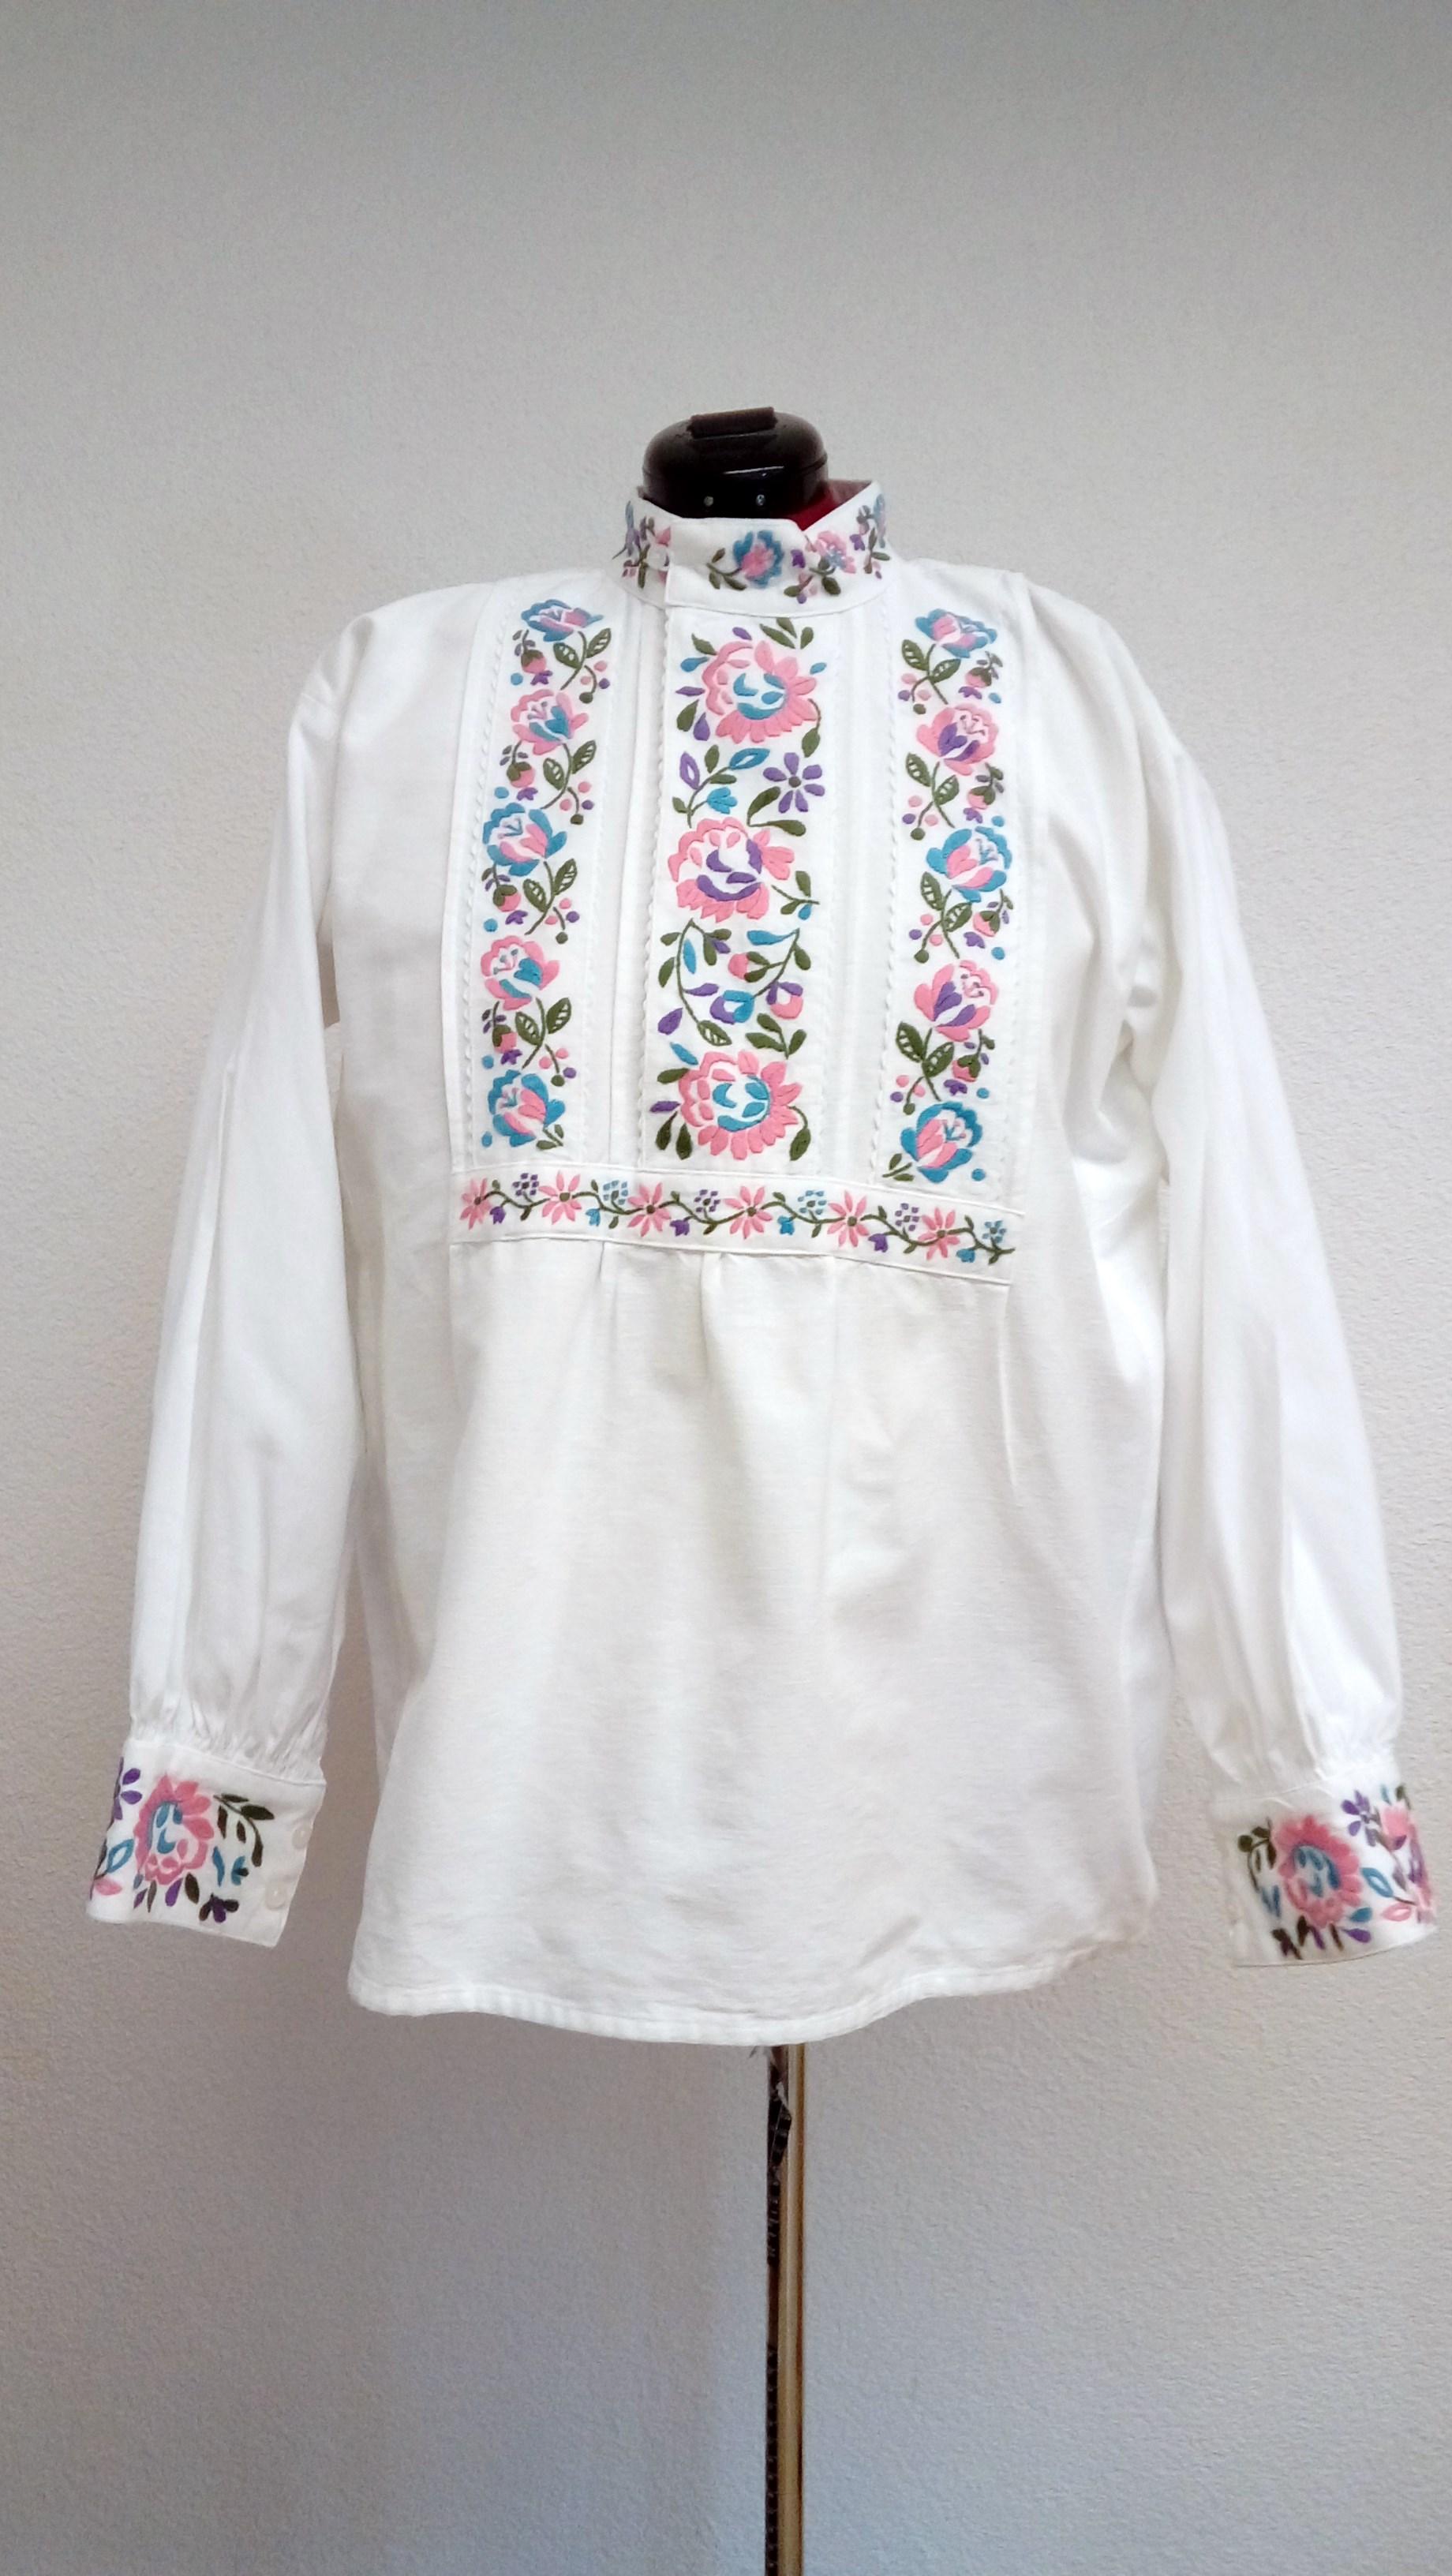 075e2e20a Mužská ručne vyšívaná košeľa dlhá – starodávny vzor – ružovo-modrá výšivka